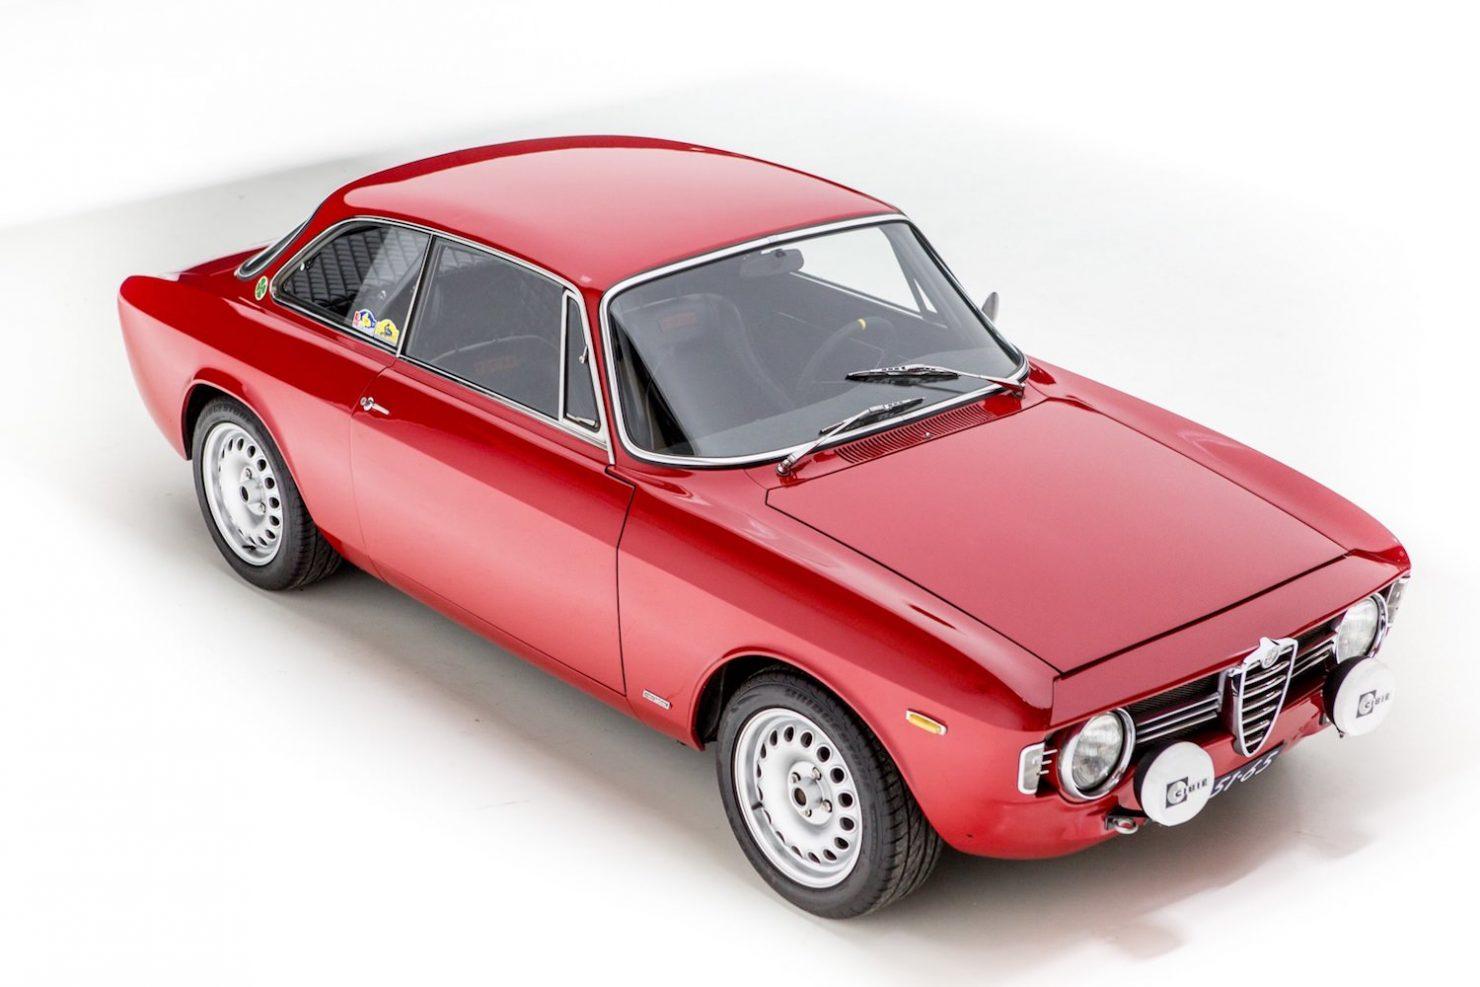 alfa romeo sprint gt veloce 21 1480x987 - 1967 Alfa Romeo Sprint GT Veloce